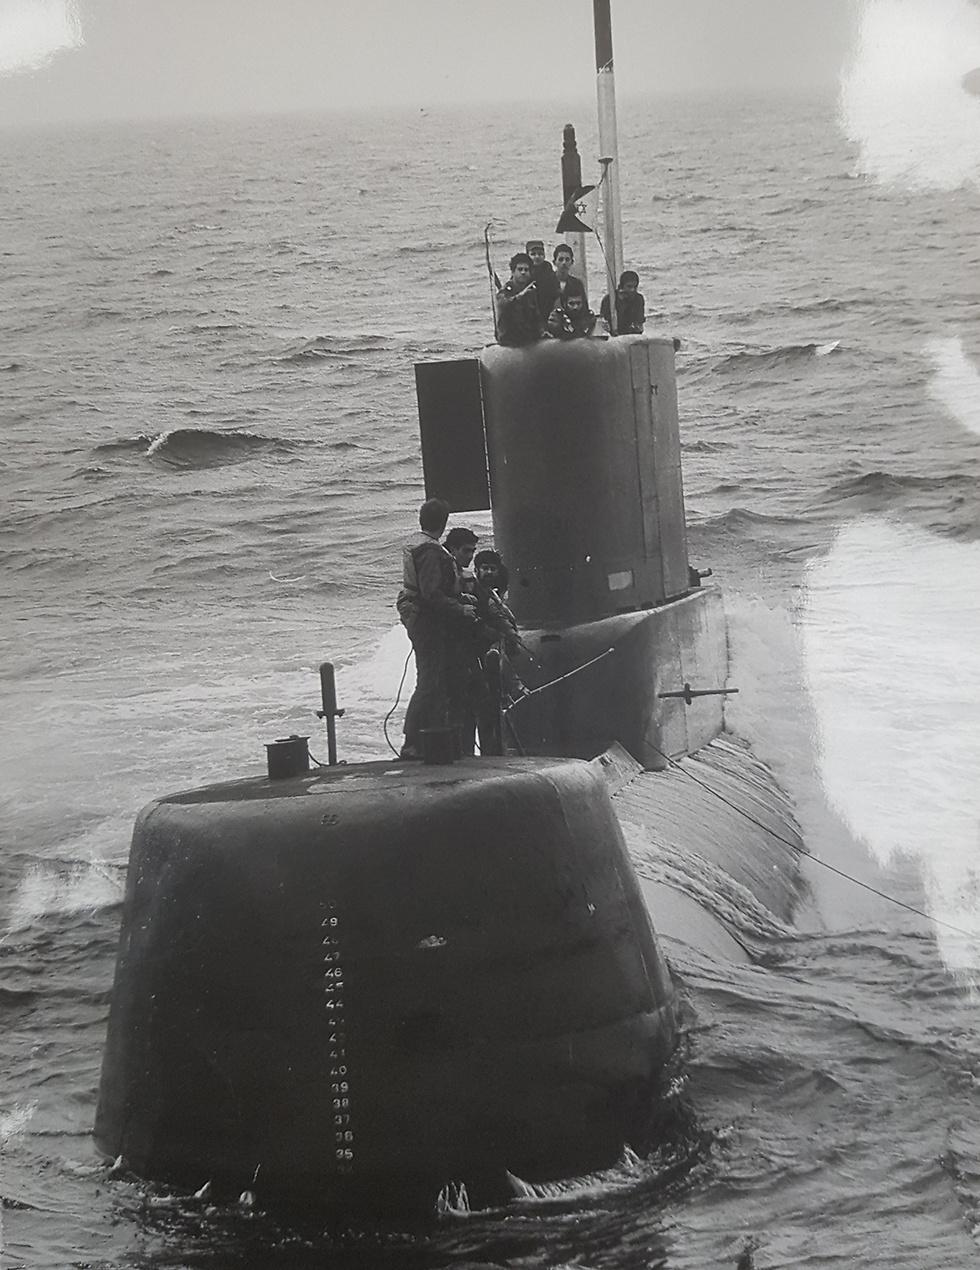 (צילום: מוזיאון חיל הים) (צילום: מוזיאון חיל הים)